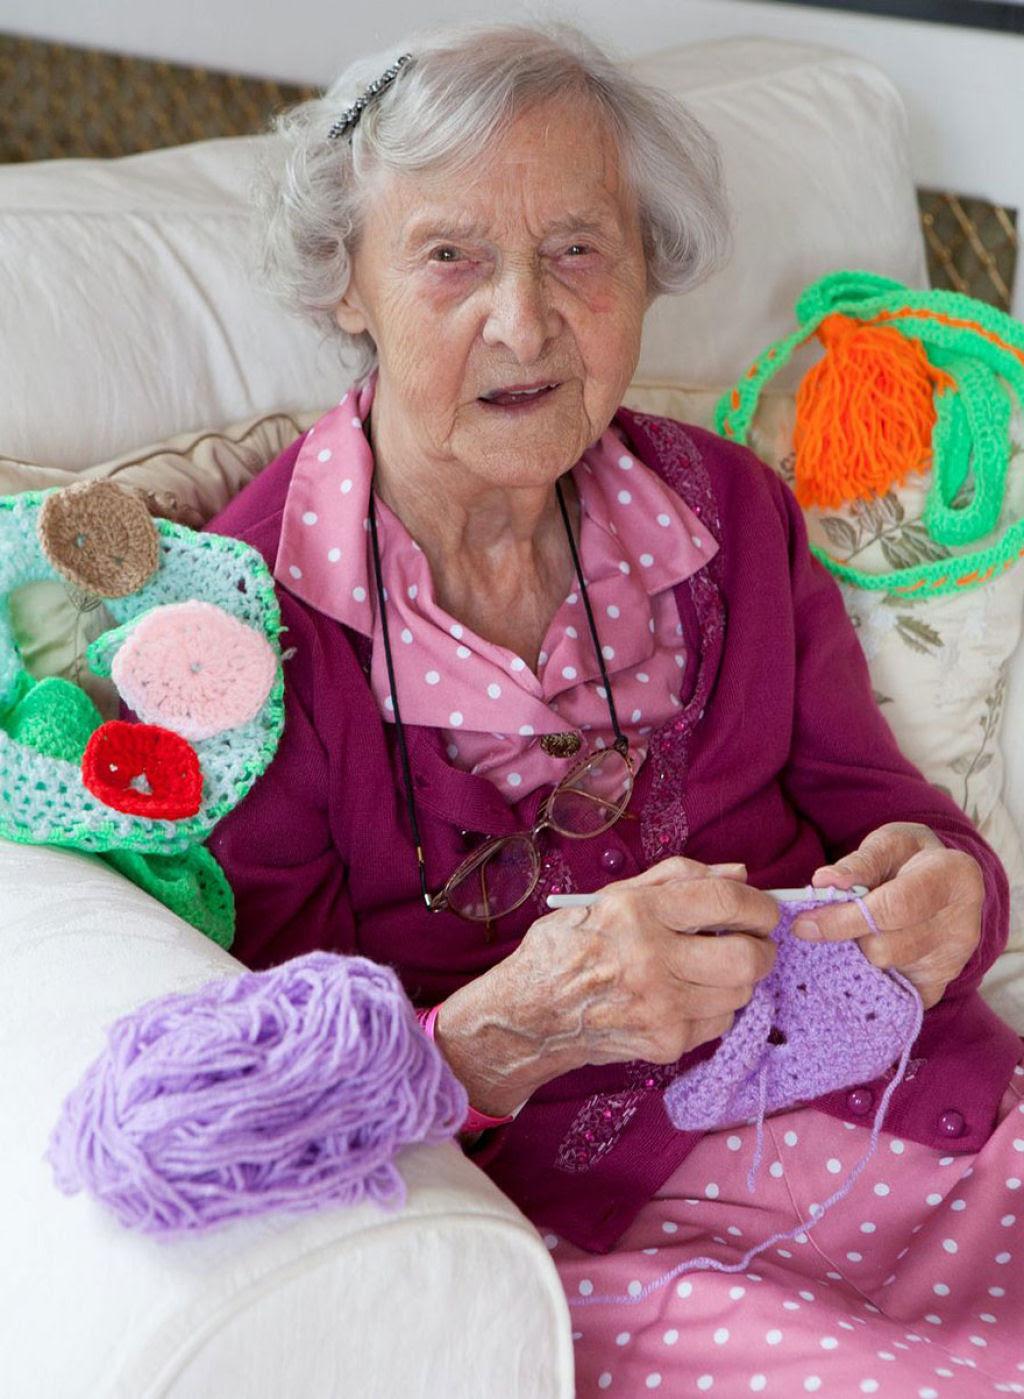 Artista urbana de 104 anos enche sua cidade com suas obras de crochê 06